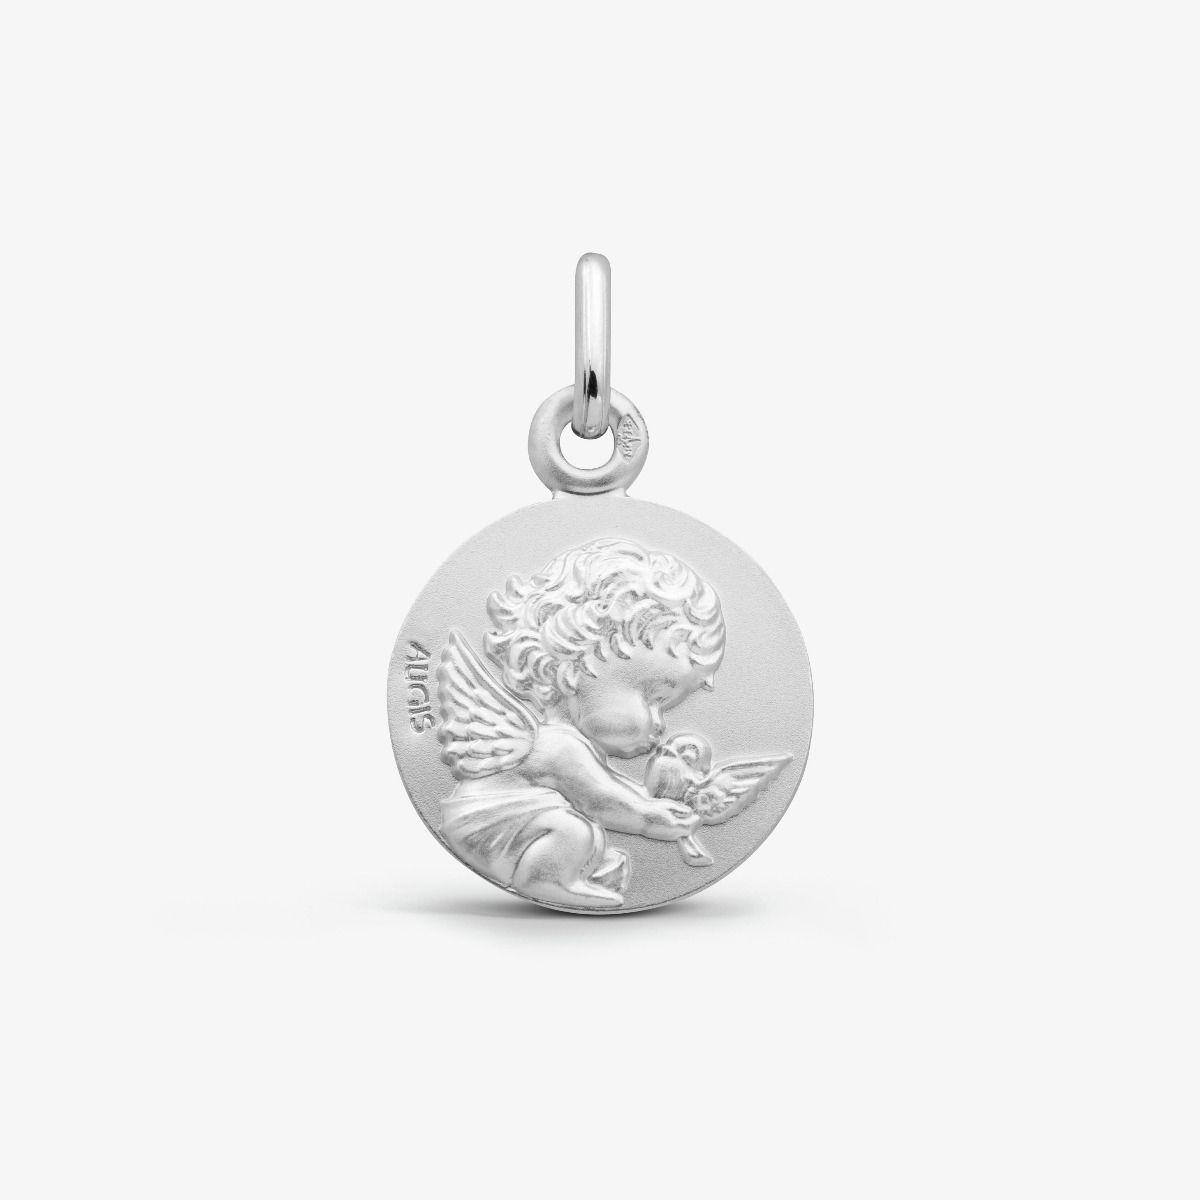 Médaille Ange à la Colombe - Les Loupiots Or Blanc 18 carats - 14 mm